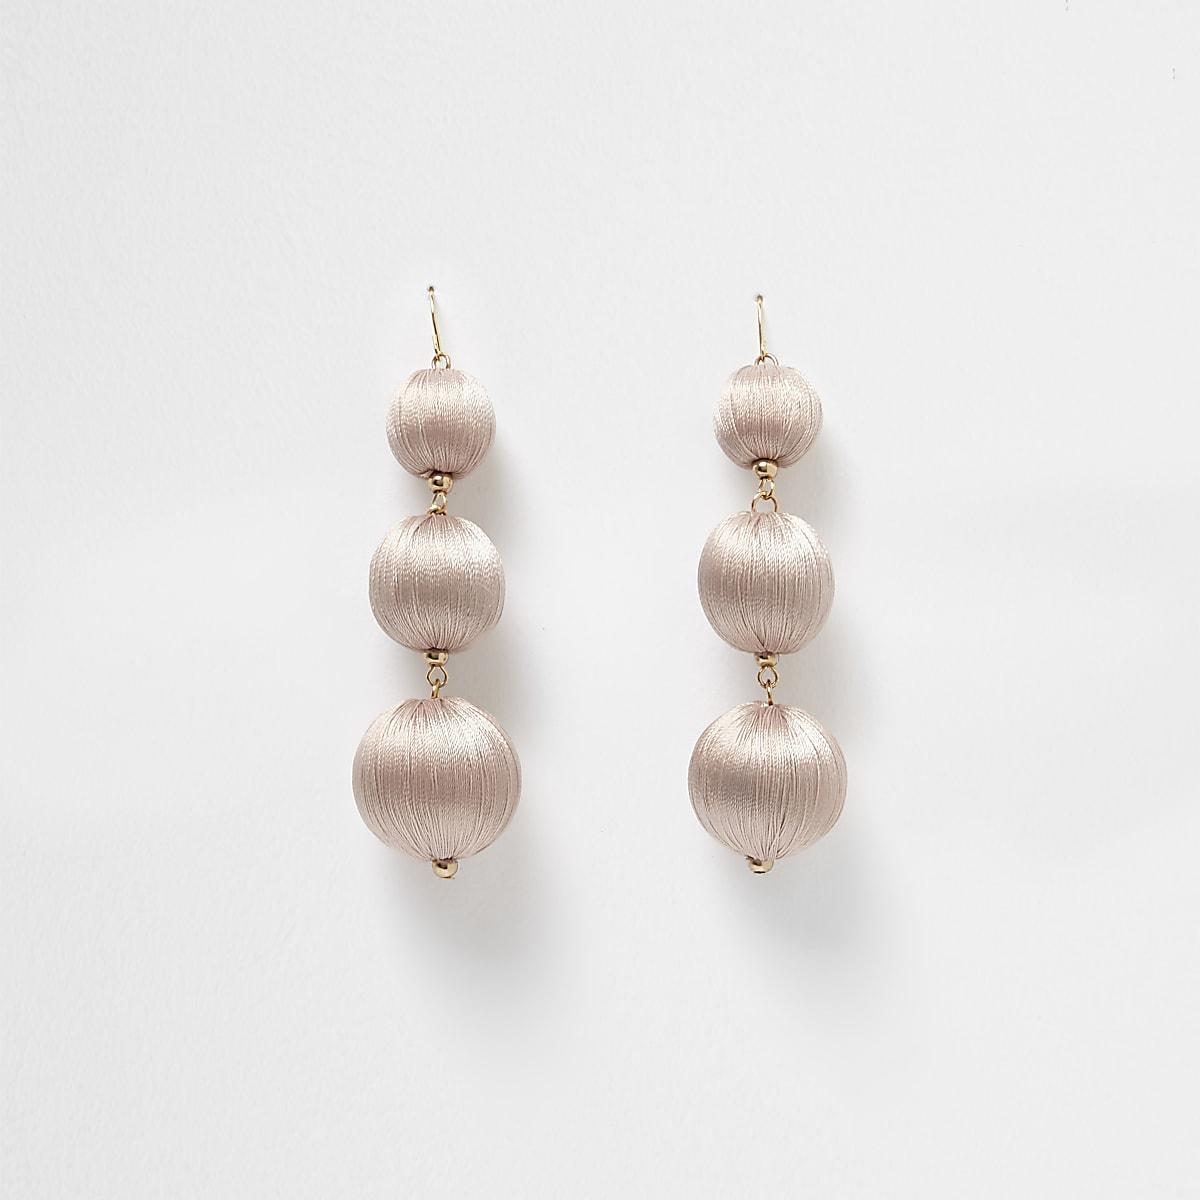 Nude triple ball drop earrings